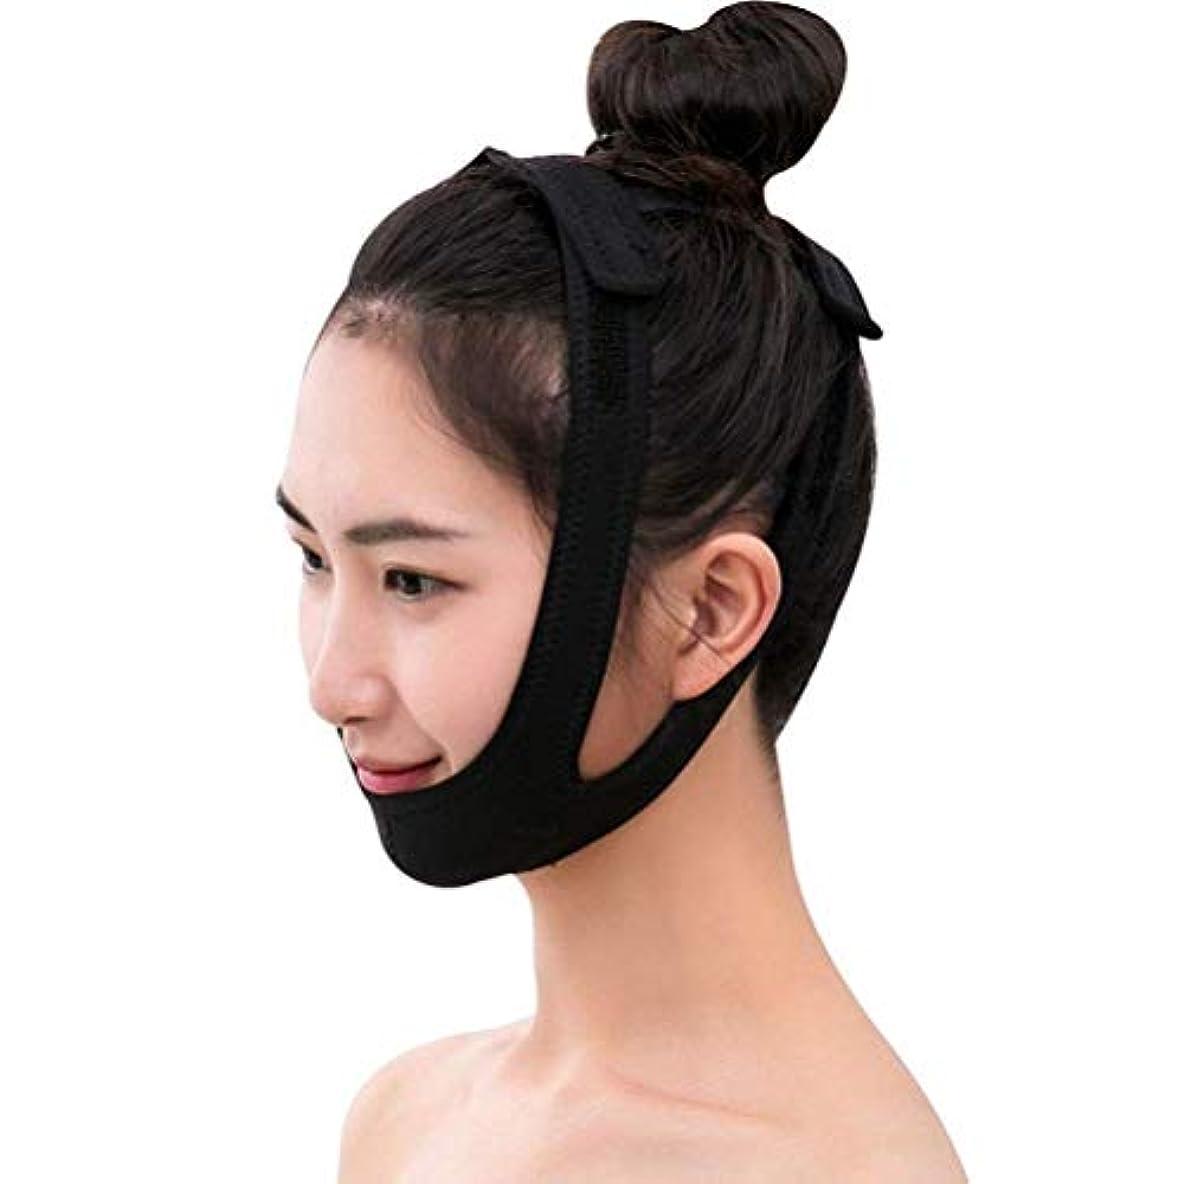 圧縮する子豚これらフェイスリフティングマスク、フェイスリフティング包帯V字型マスク/整形およびリフト/二重あごベルト/美容マスクフェイスリフト/縮小二重あご包帯/顔面矯正ベルト